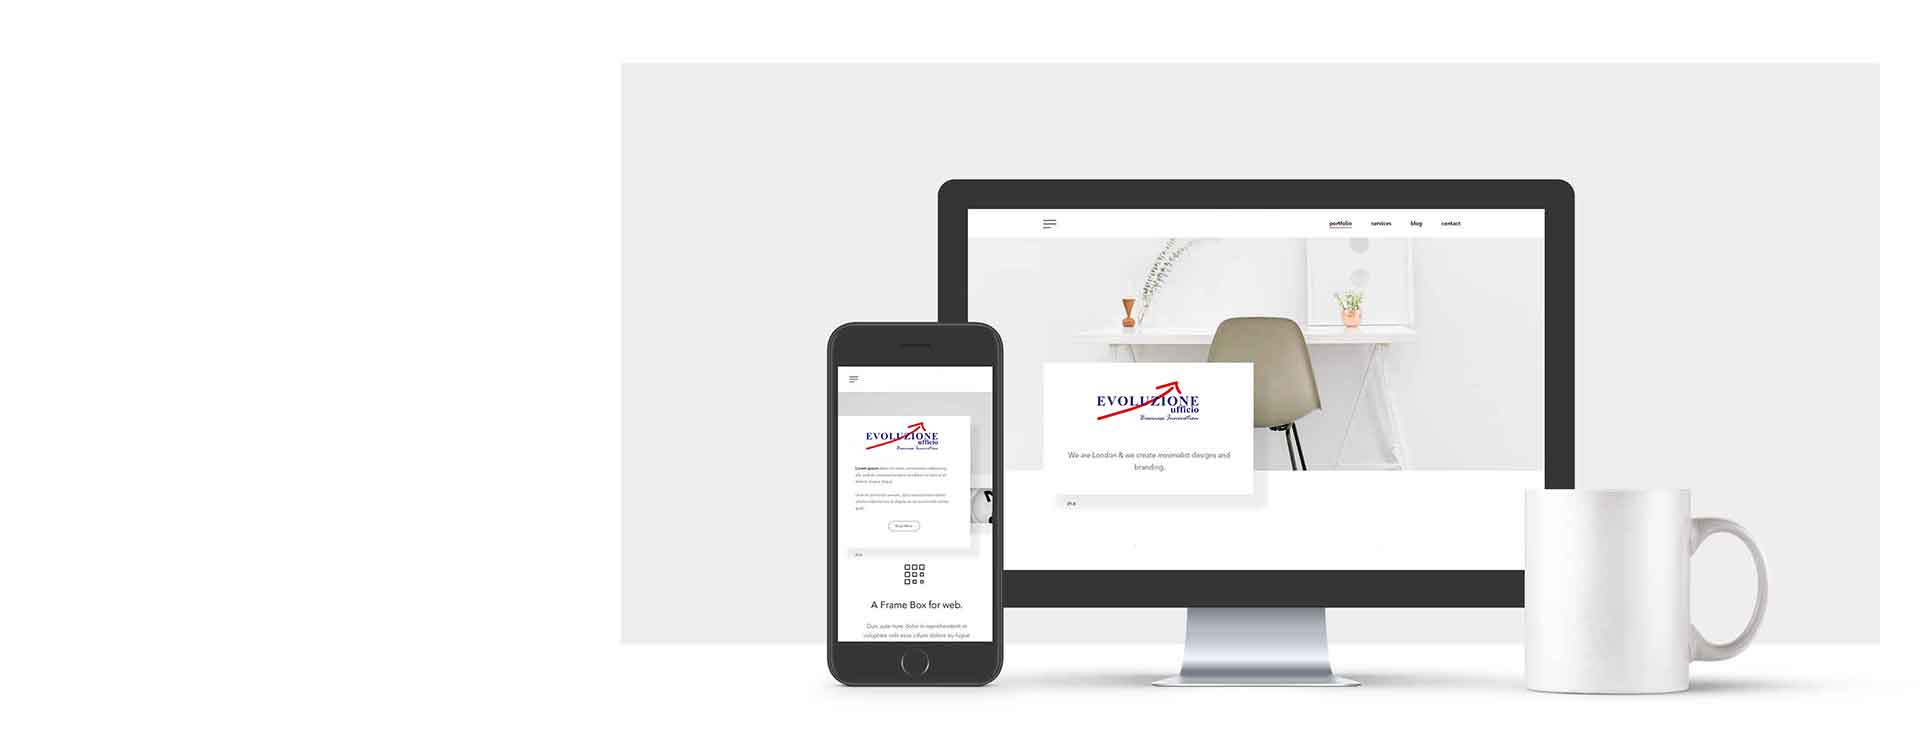 creazione-siti-web-evoluzione-ufficio